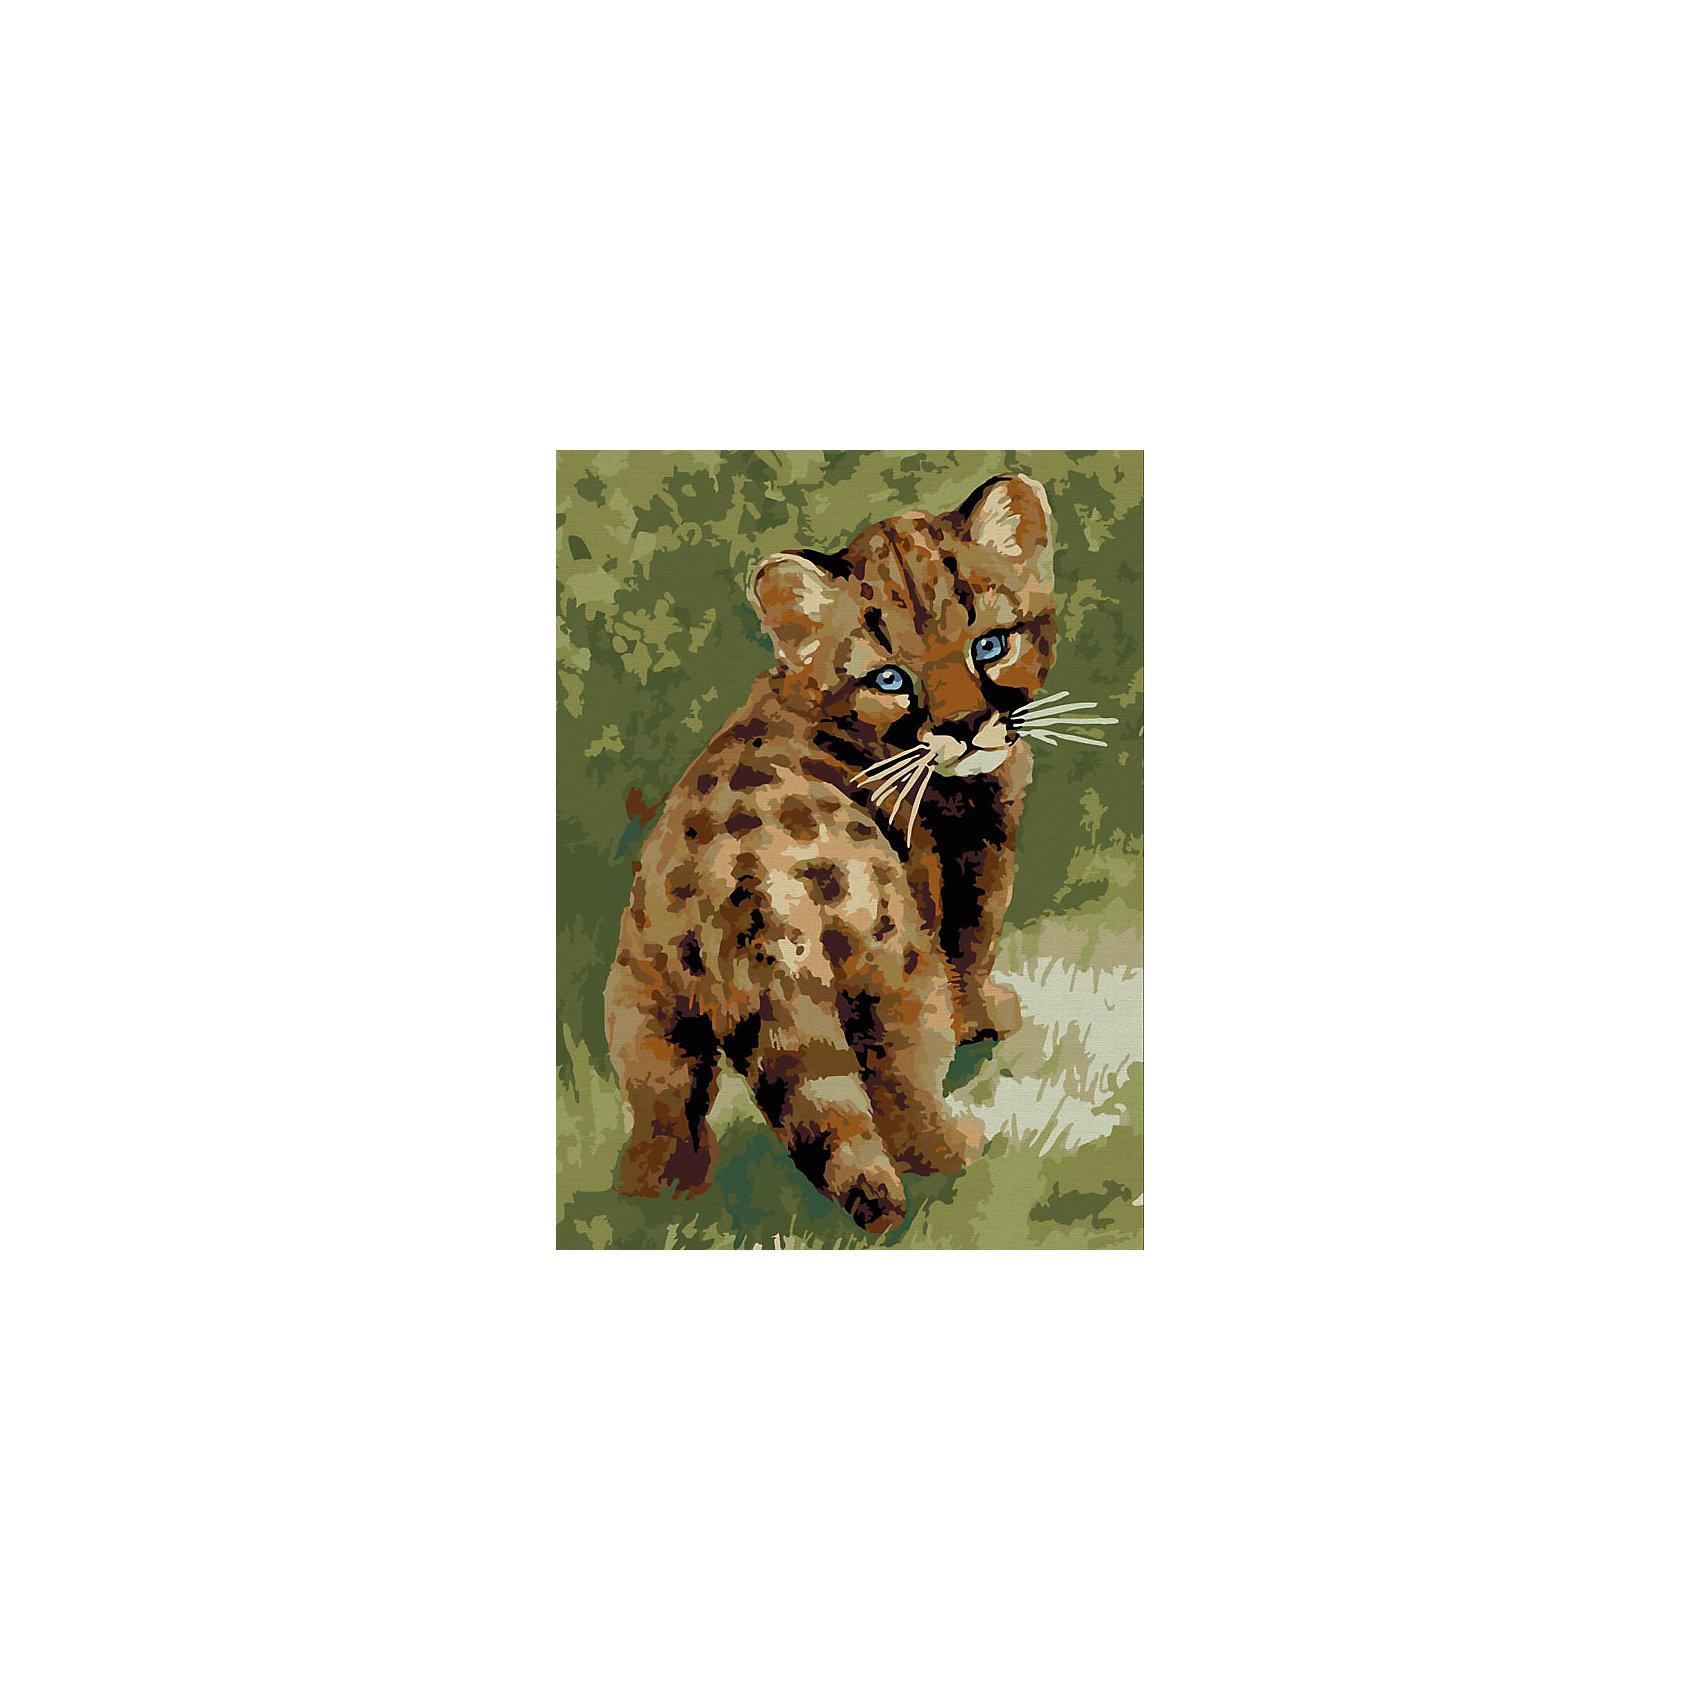 Живопись на холсте 30*40 см Детеныш леопардаРисование<br>Характеристики товара:<br><br>• цвет: разноцветный<br>• материал: акрил, картон<br>• размер: 30 x 40 см<br>• комплектация: полотно на подрамнике с контурами рисунка, пробный лист с рисунком, набор акриловых красок, три кисти, крепление на стену для картины<br>• для детей от шести лет и взрослых<br>• не требует специальных навыков<br>• страна бренда: Китай<br>• страна изготовитель: Китай<br><br>Рисование - это занятие, которое любят многие дети и взрослые. Оно помогает развить важные навыки и просто приносит удовольствие! Чтобы вселить в ребенка уверенность в своих силах, можно предложить ему этот набор - в нем уже есть сюжет, контуры рисунка и участки с номерами, которые обозначают определенную краску из набора. Все оттенки уже готовы, задача художника - аккуратно, с помощью кисточек из набора, нанести краски на определенный участок полотна.<br>Взрослым также понравится этот процесс, рисовать можно и вместе с малышом! В итоге получается красивая картина, которой можно украсить интерьер. Рисование способствует развитию мелкой моторики, воображения, цветовосприятия, творческих способностей и усидчивости. Набор отлично проработан, сделан из качественных и проверенных материалов, которые безопасны для детей. Краски - акриловые, они быстро сохнут и легко смываются с кожи.<br><br>Живопись на холсте 30*40 см Детеныш леопарда от торговой марки Белоснежка можно купить в нашем интернет-магазине.<br><br>Ширина мм: 410<br>Глубина мм: 310<br>Высота мм: 25<br>Вес г: 567<br>Возраст от месяцев: 72<br>Возраст до месяцев: 144<br>Пол: Унисекс<br>Возраст: Детский<br>SKU: 5089630